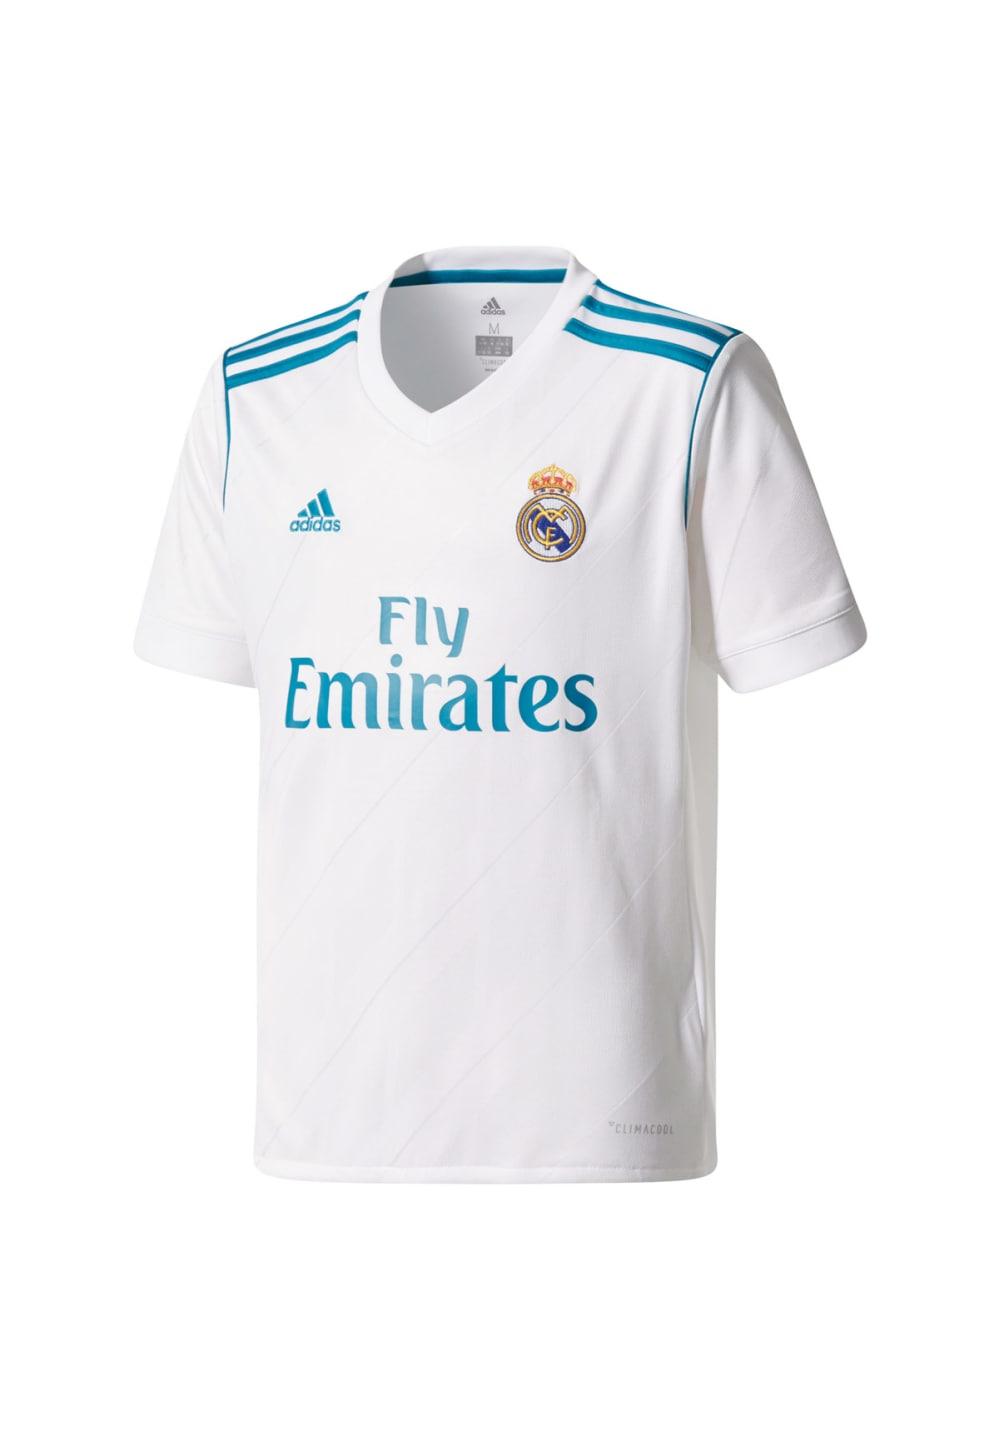 adidas Real Madrid Home Replica Jersey - Fußballbekleidung für Kinder Unisex -